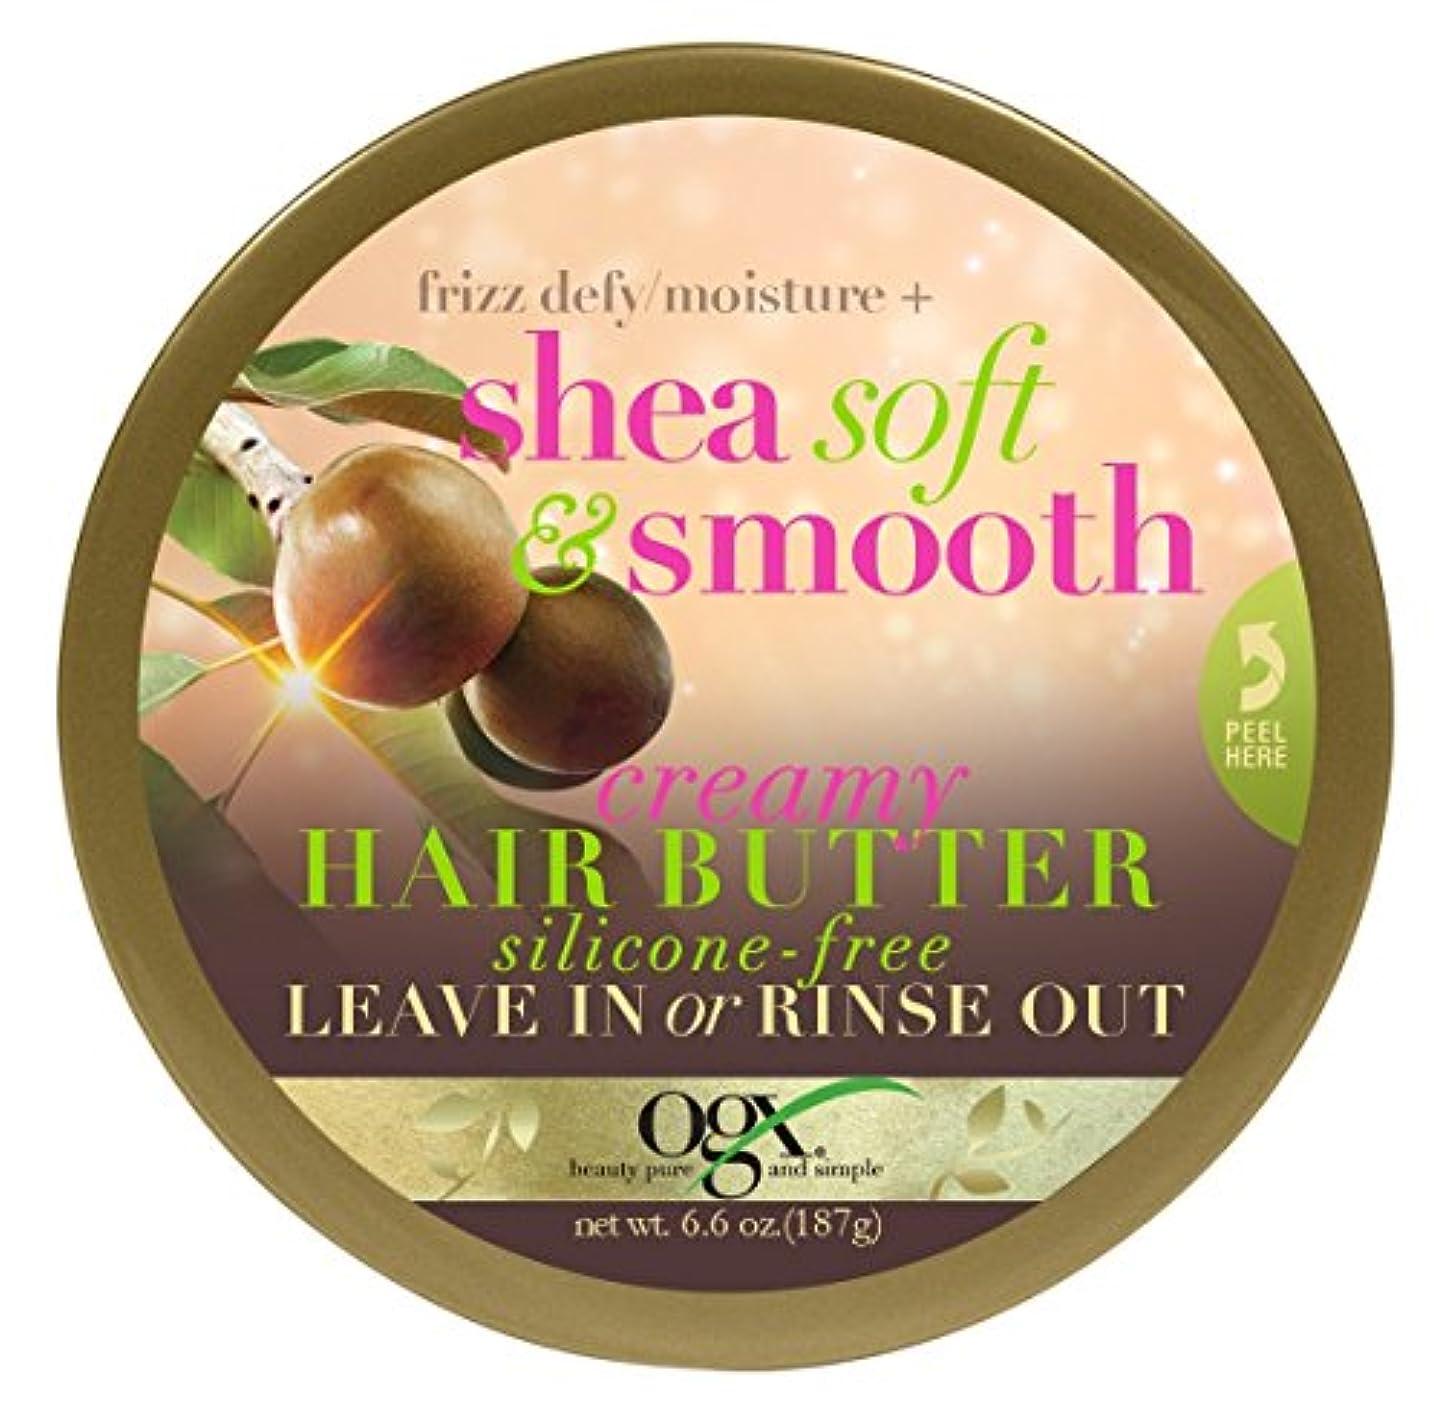 注釈を付けるオープニング反射OGX シェイソフト&スムーズな髪バター6.6オンスのジャー(195Ml)(2パック)